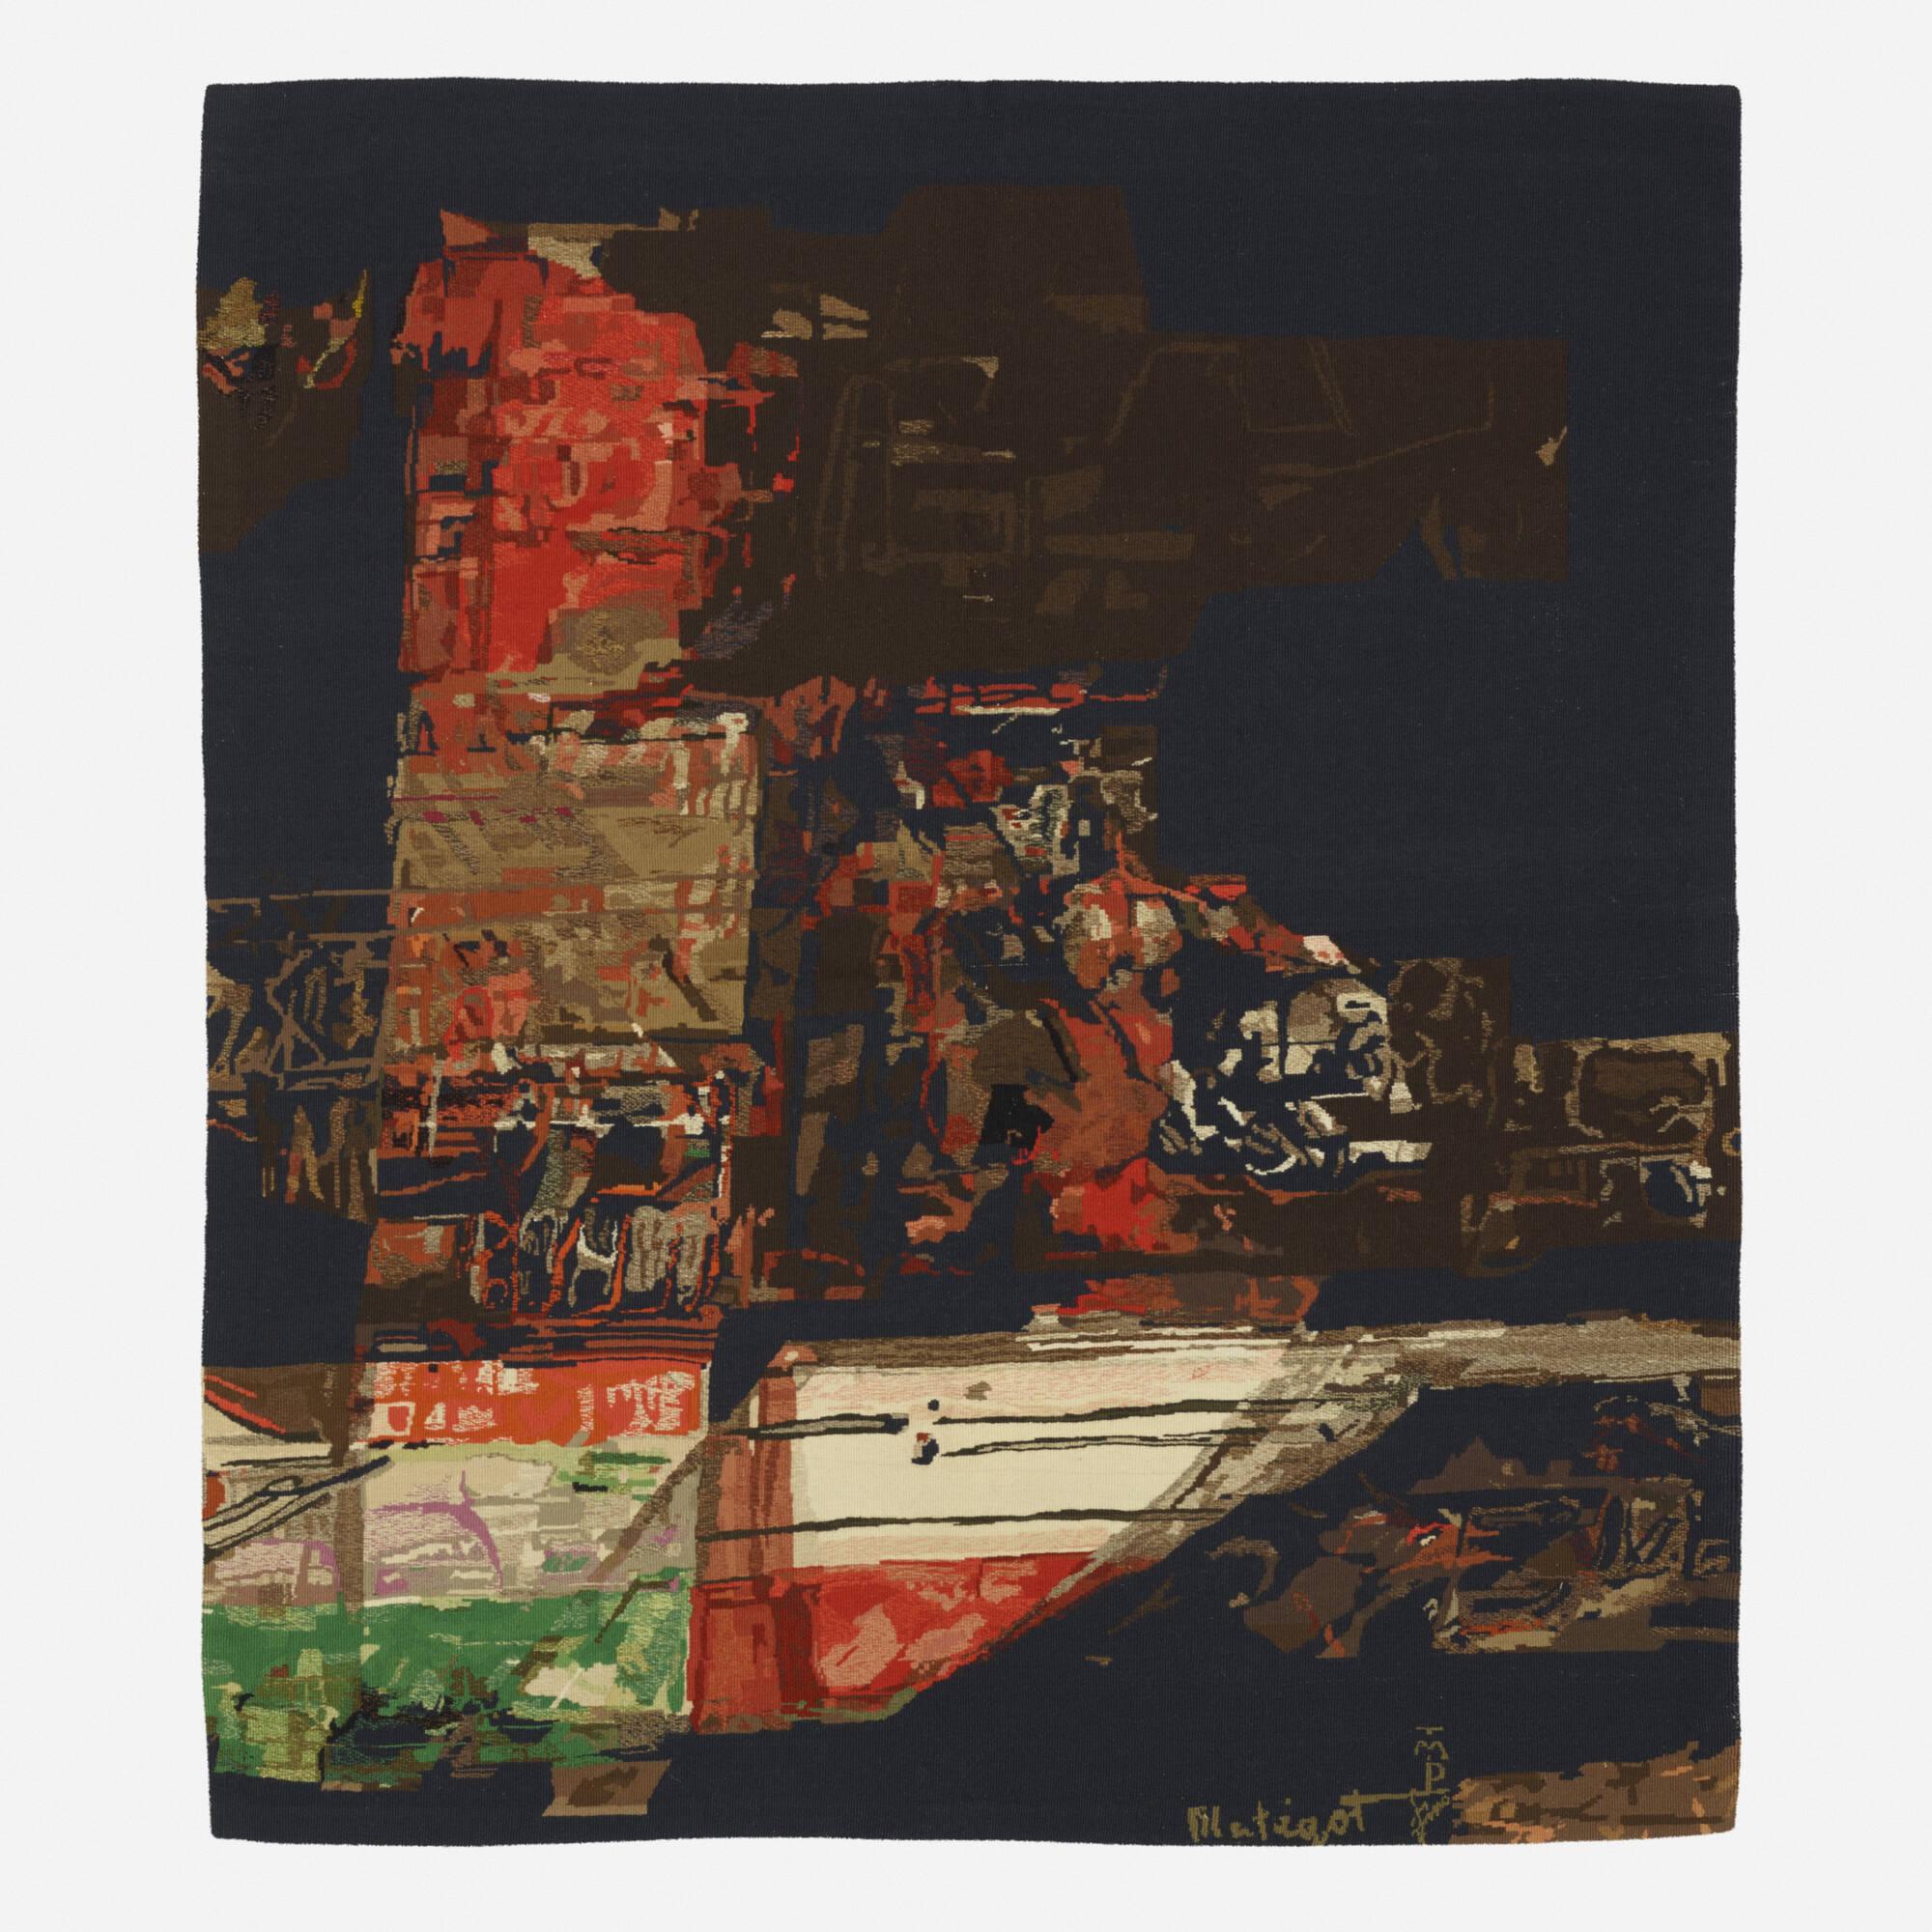 115: Mathieu Matégot / Manhattan tapestry (1 of 1)